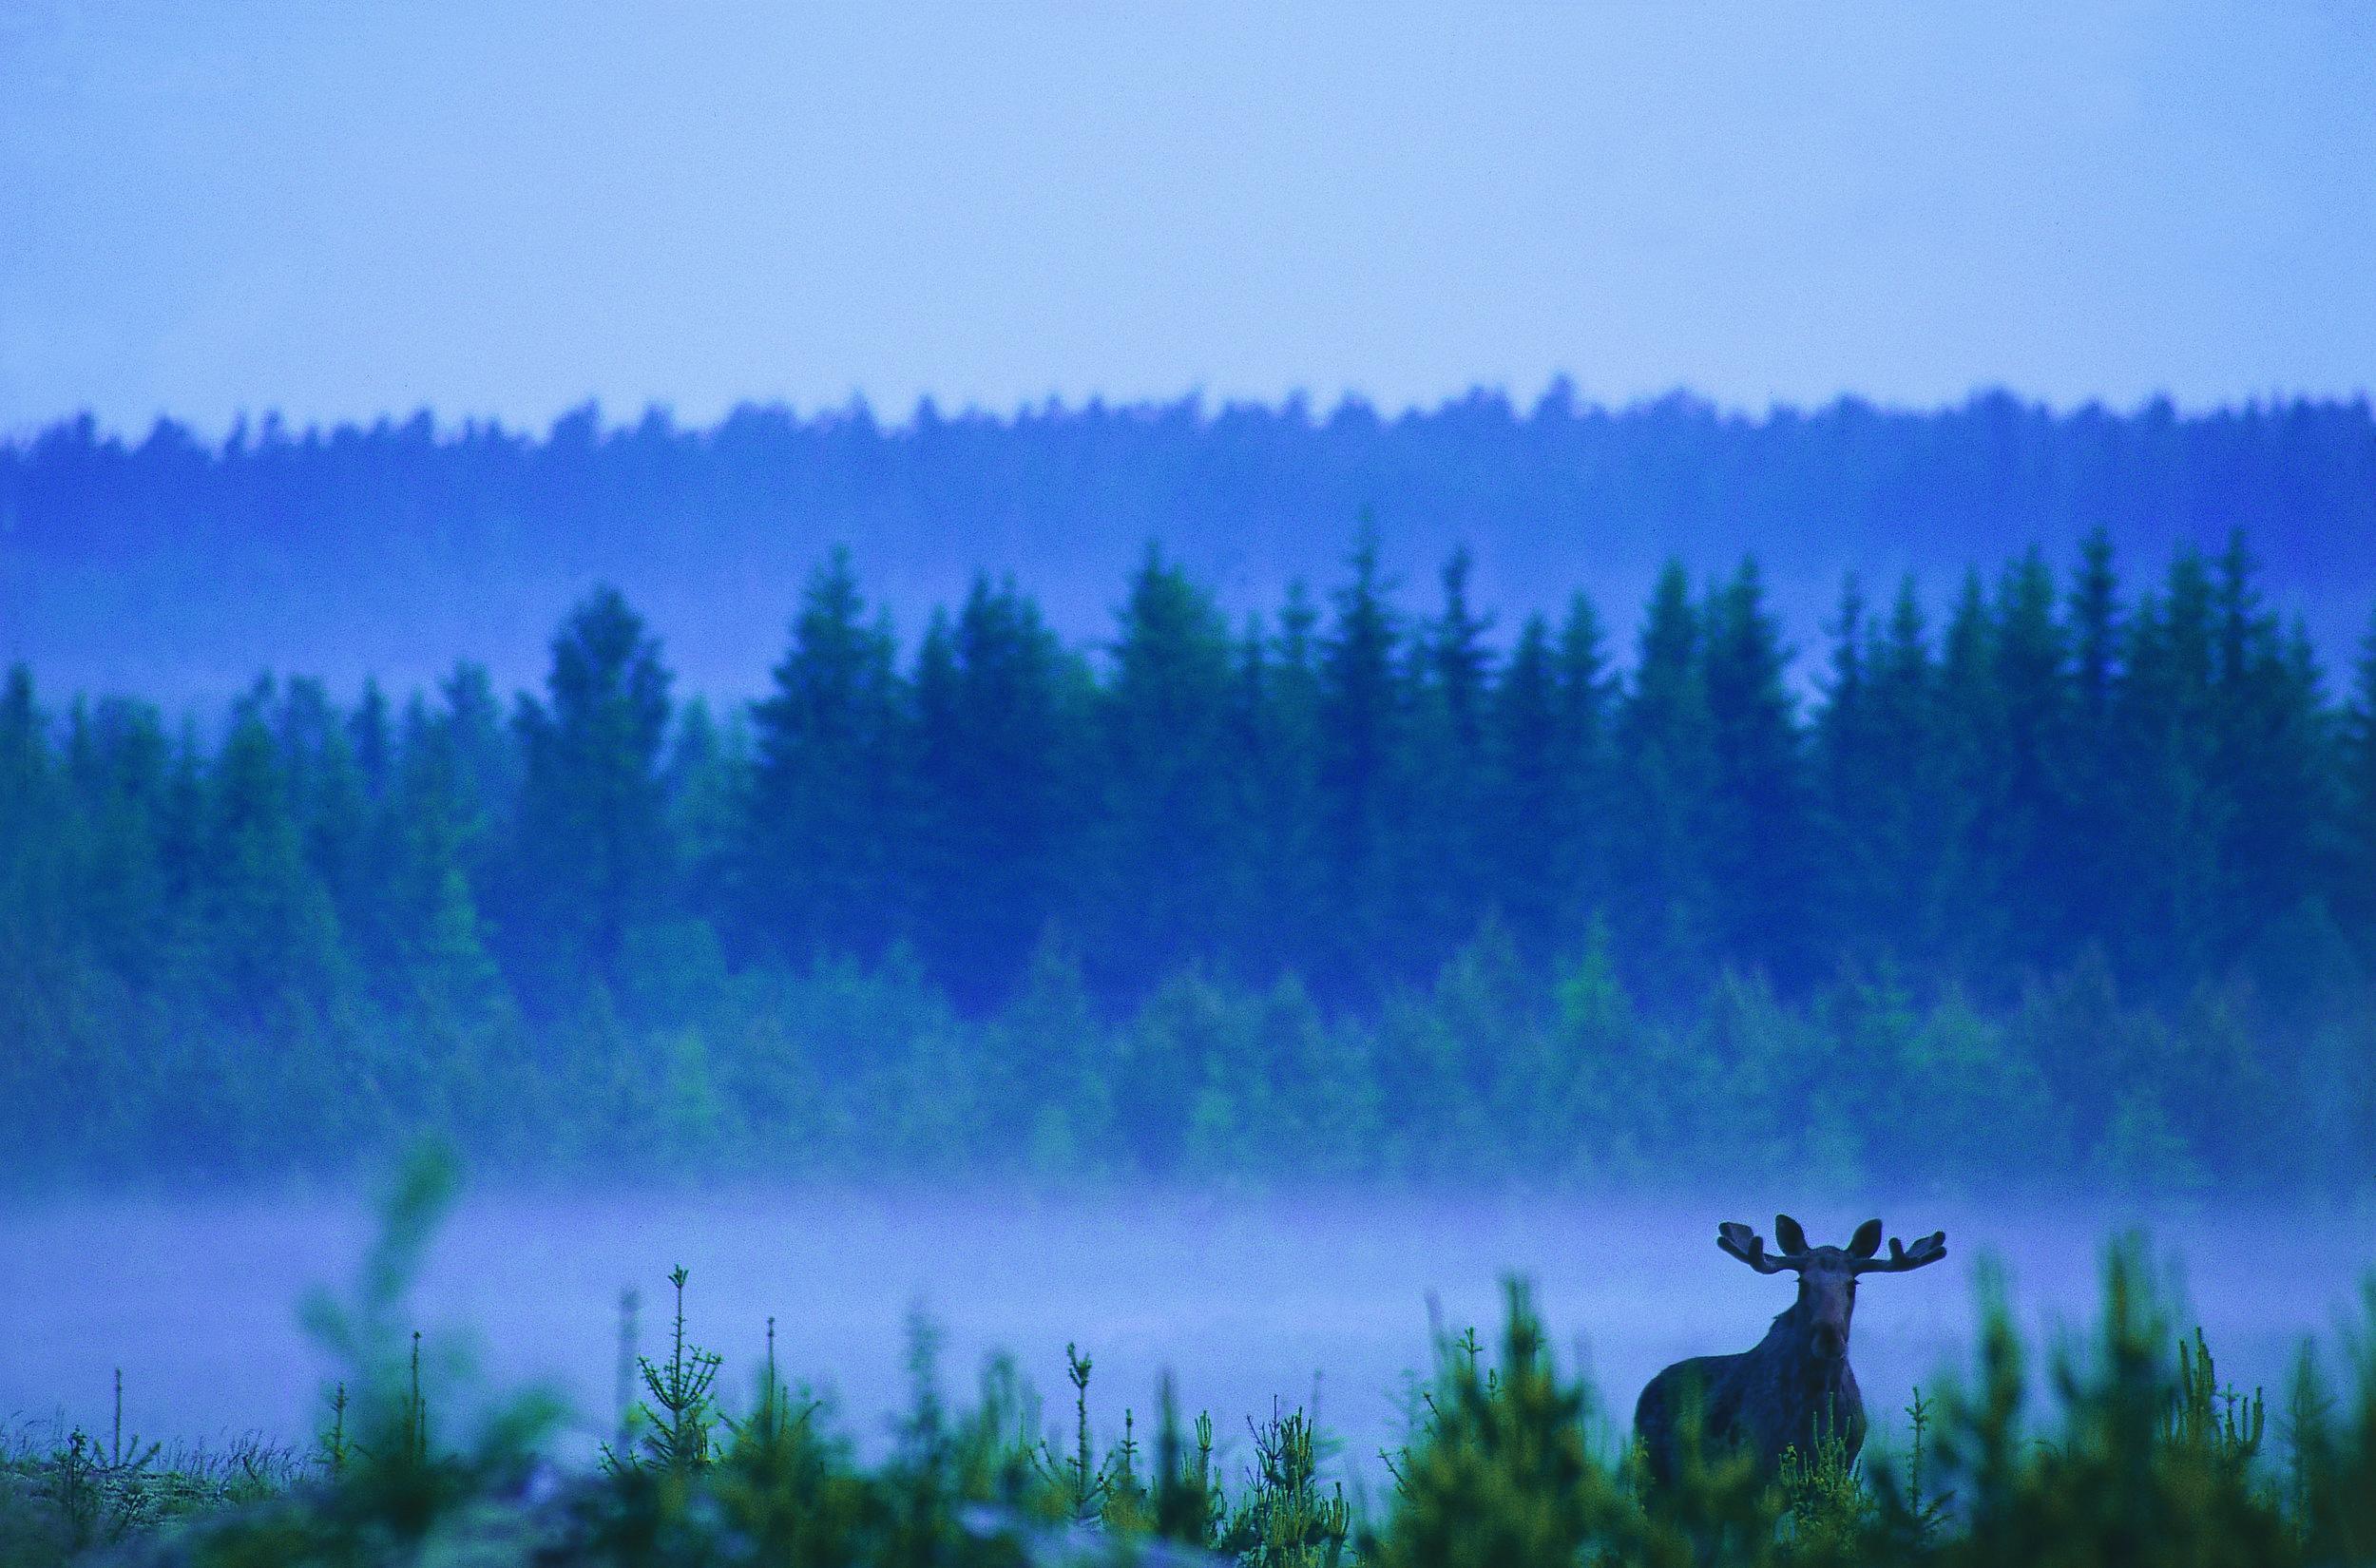 Moose in Sweden by Lars Gabrielsson